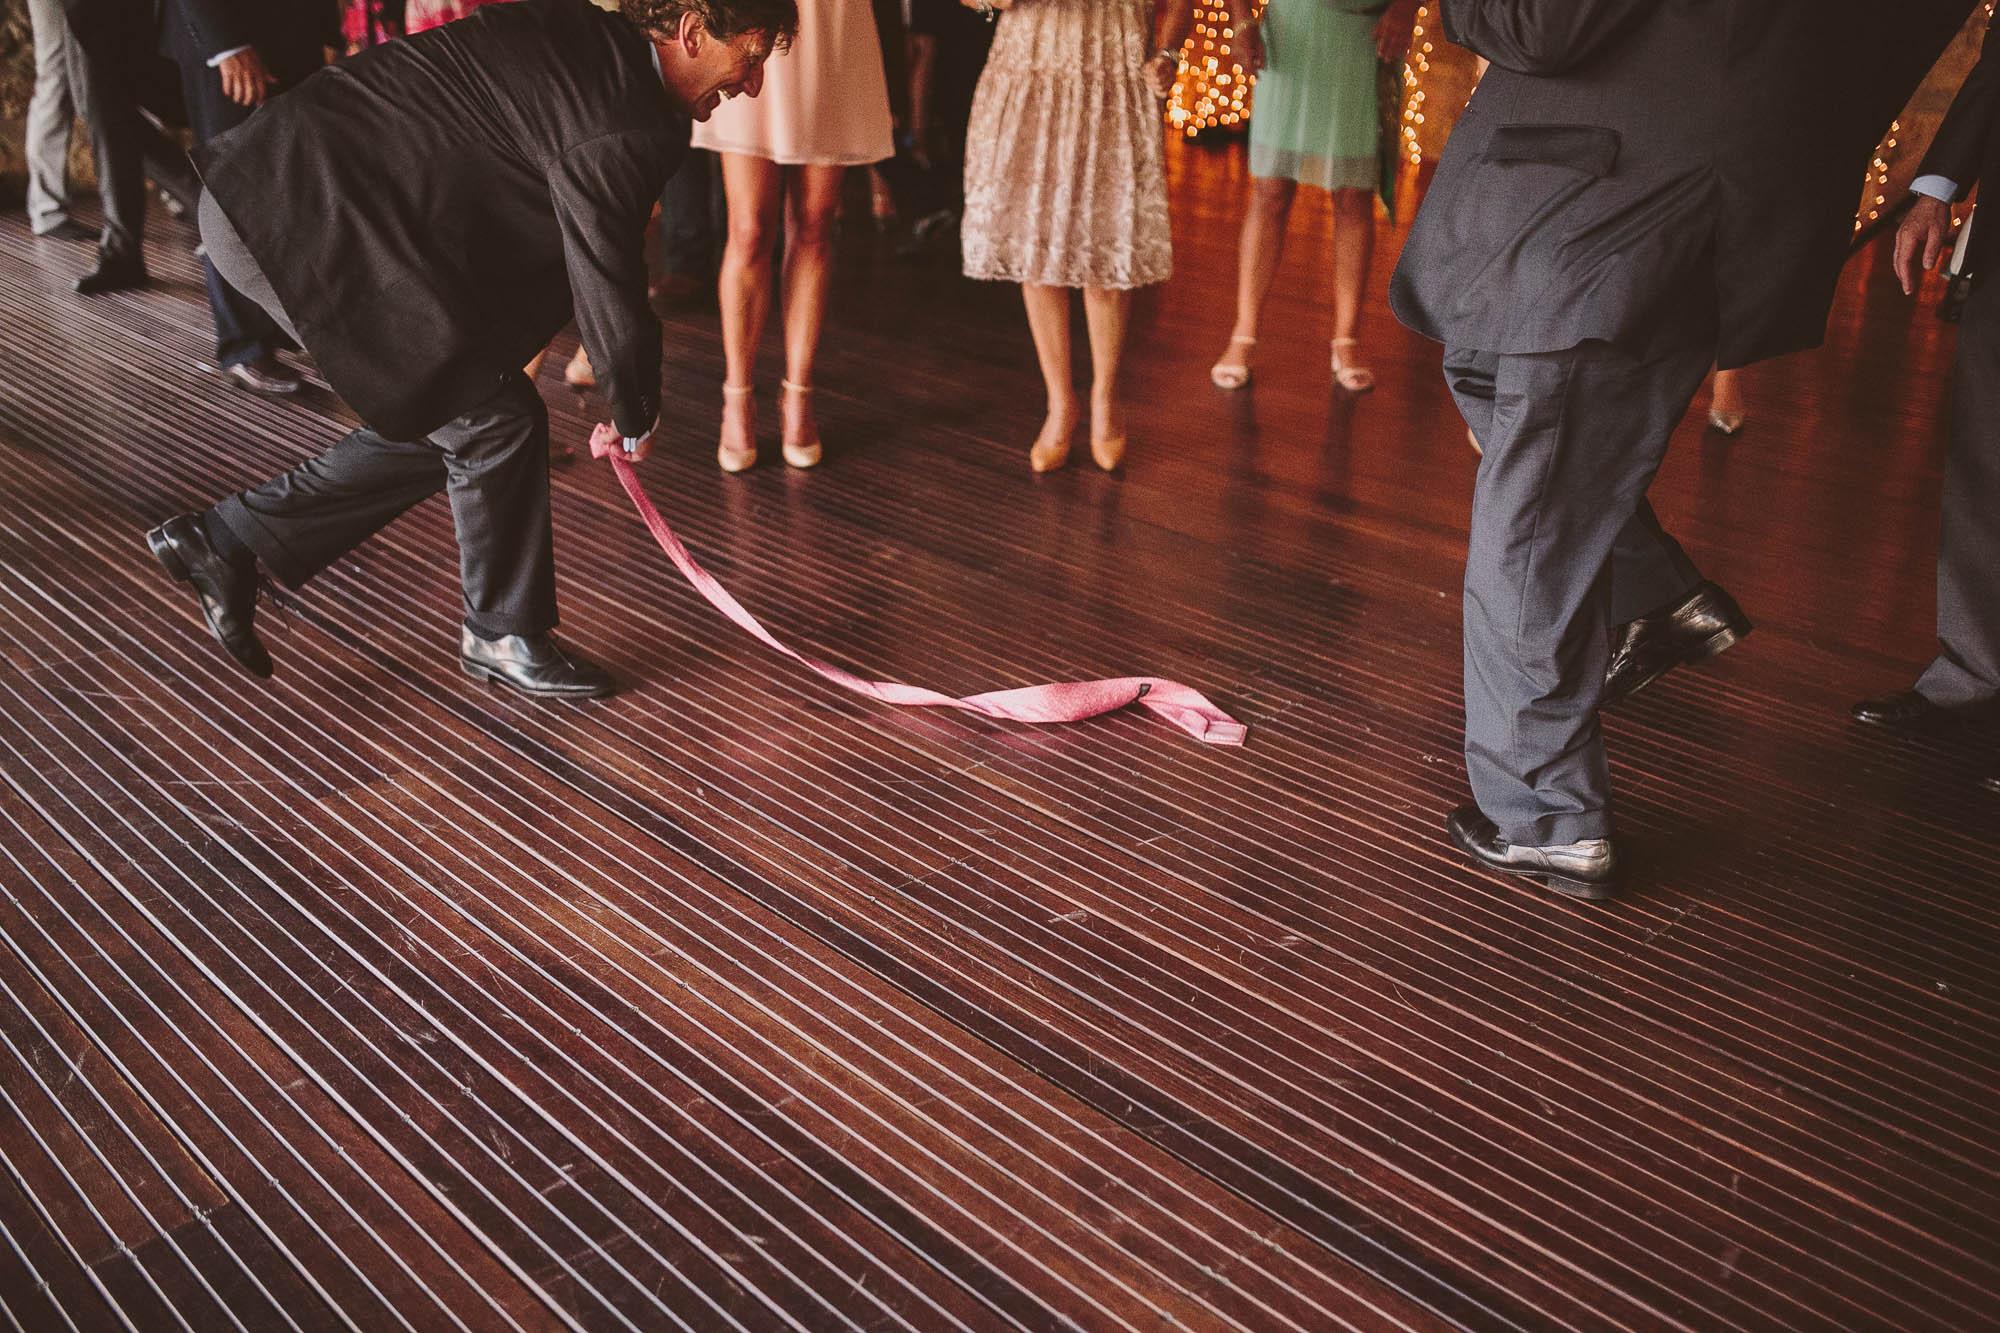 Un invitado se quita y lanza la corbata en la fiesta